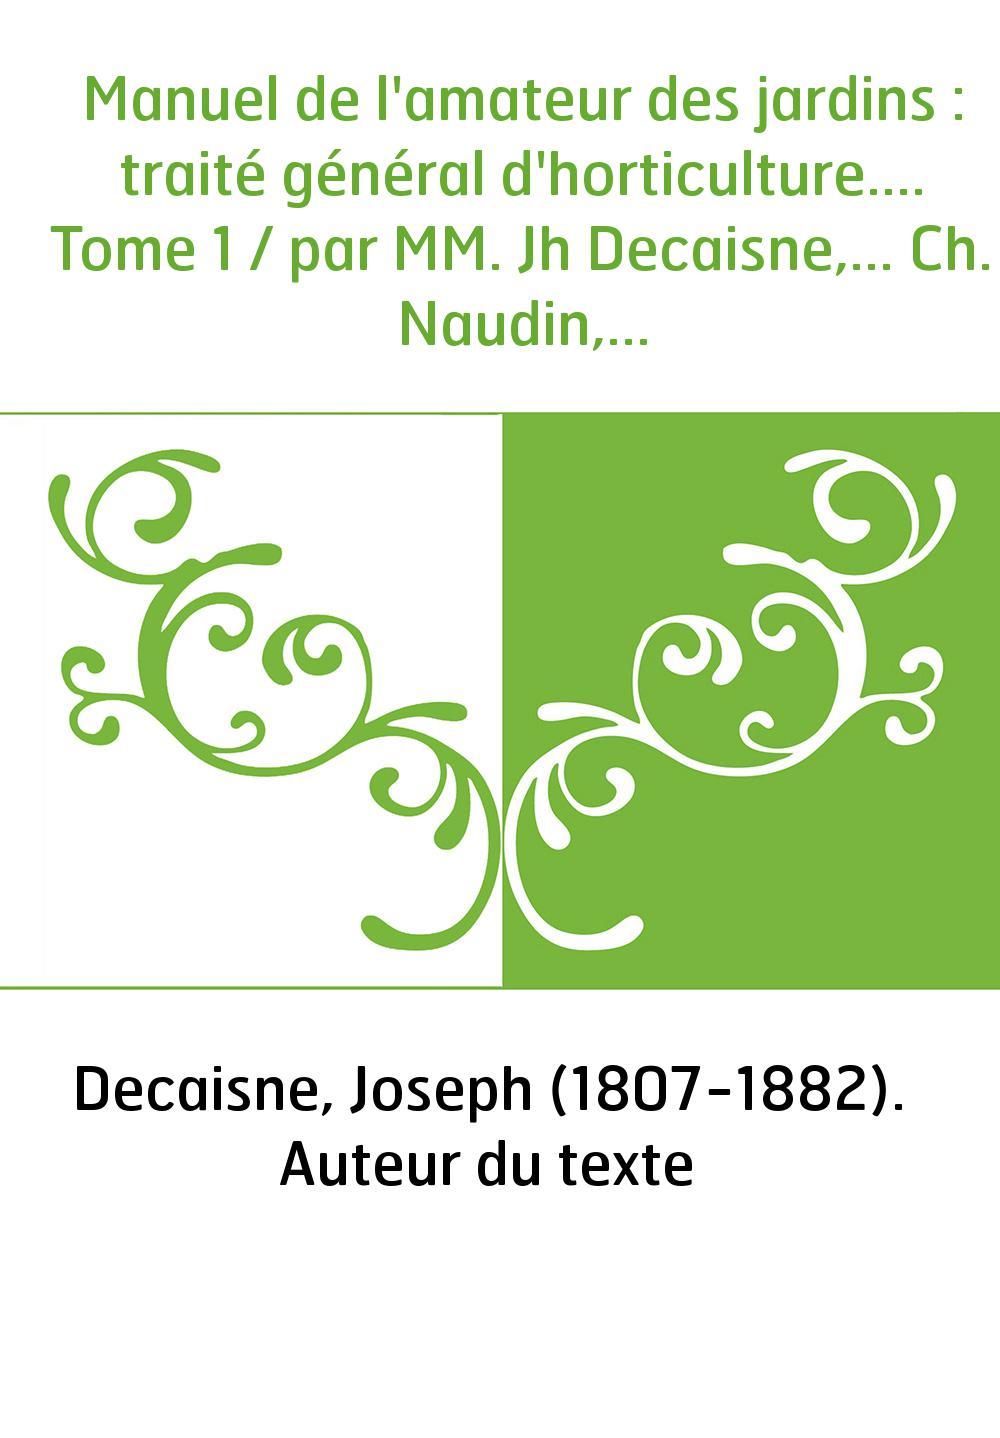 Manuel de l'amateur des jardins : traité général d'horticulture.... Tome 1 / par MM. Jh Decaisne,... Ch. Naudin,...